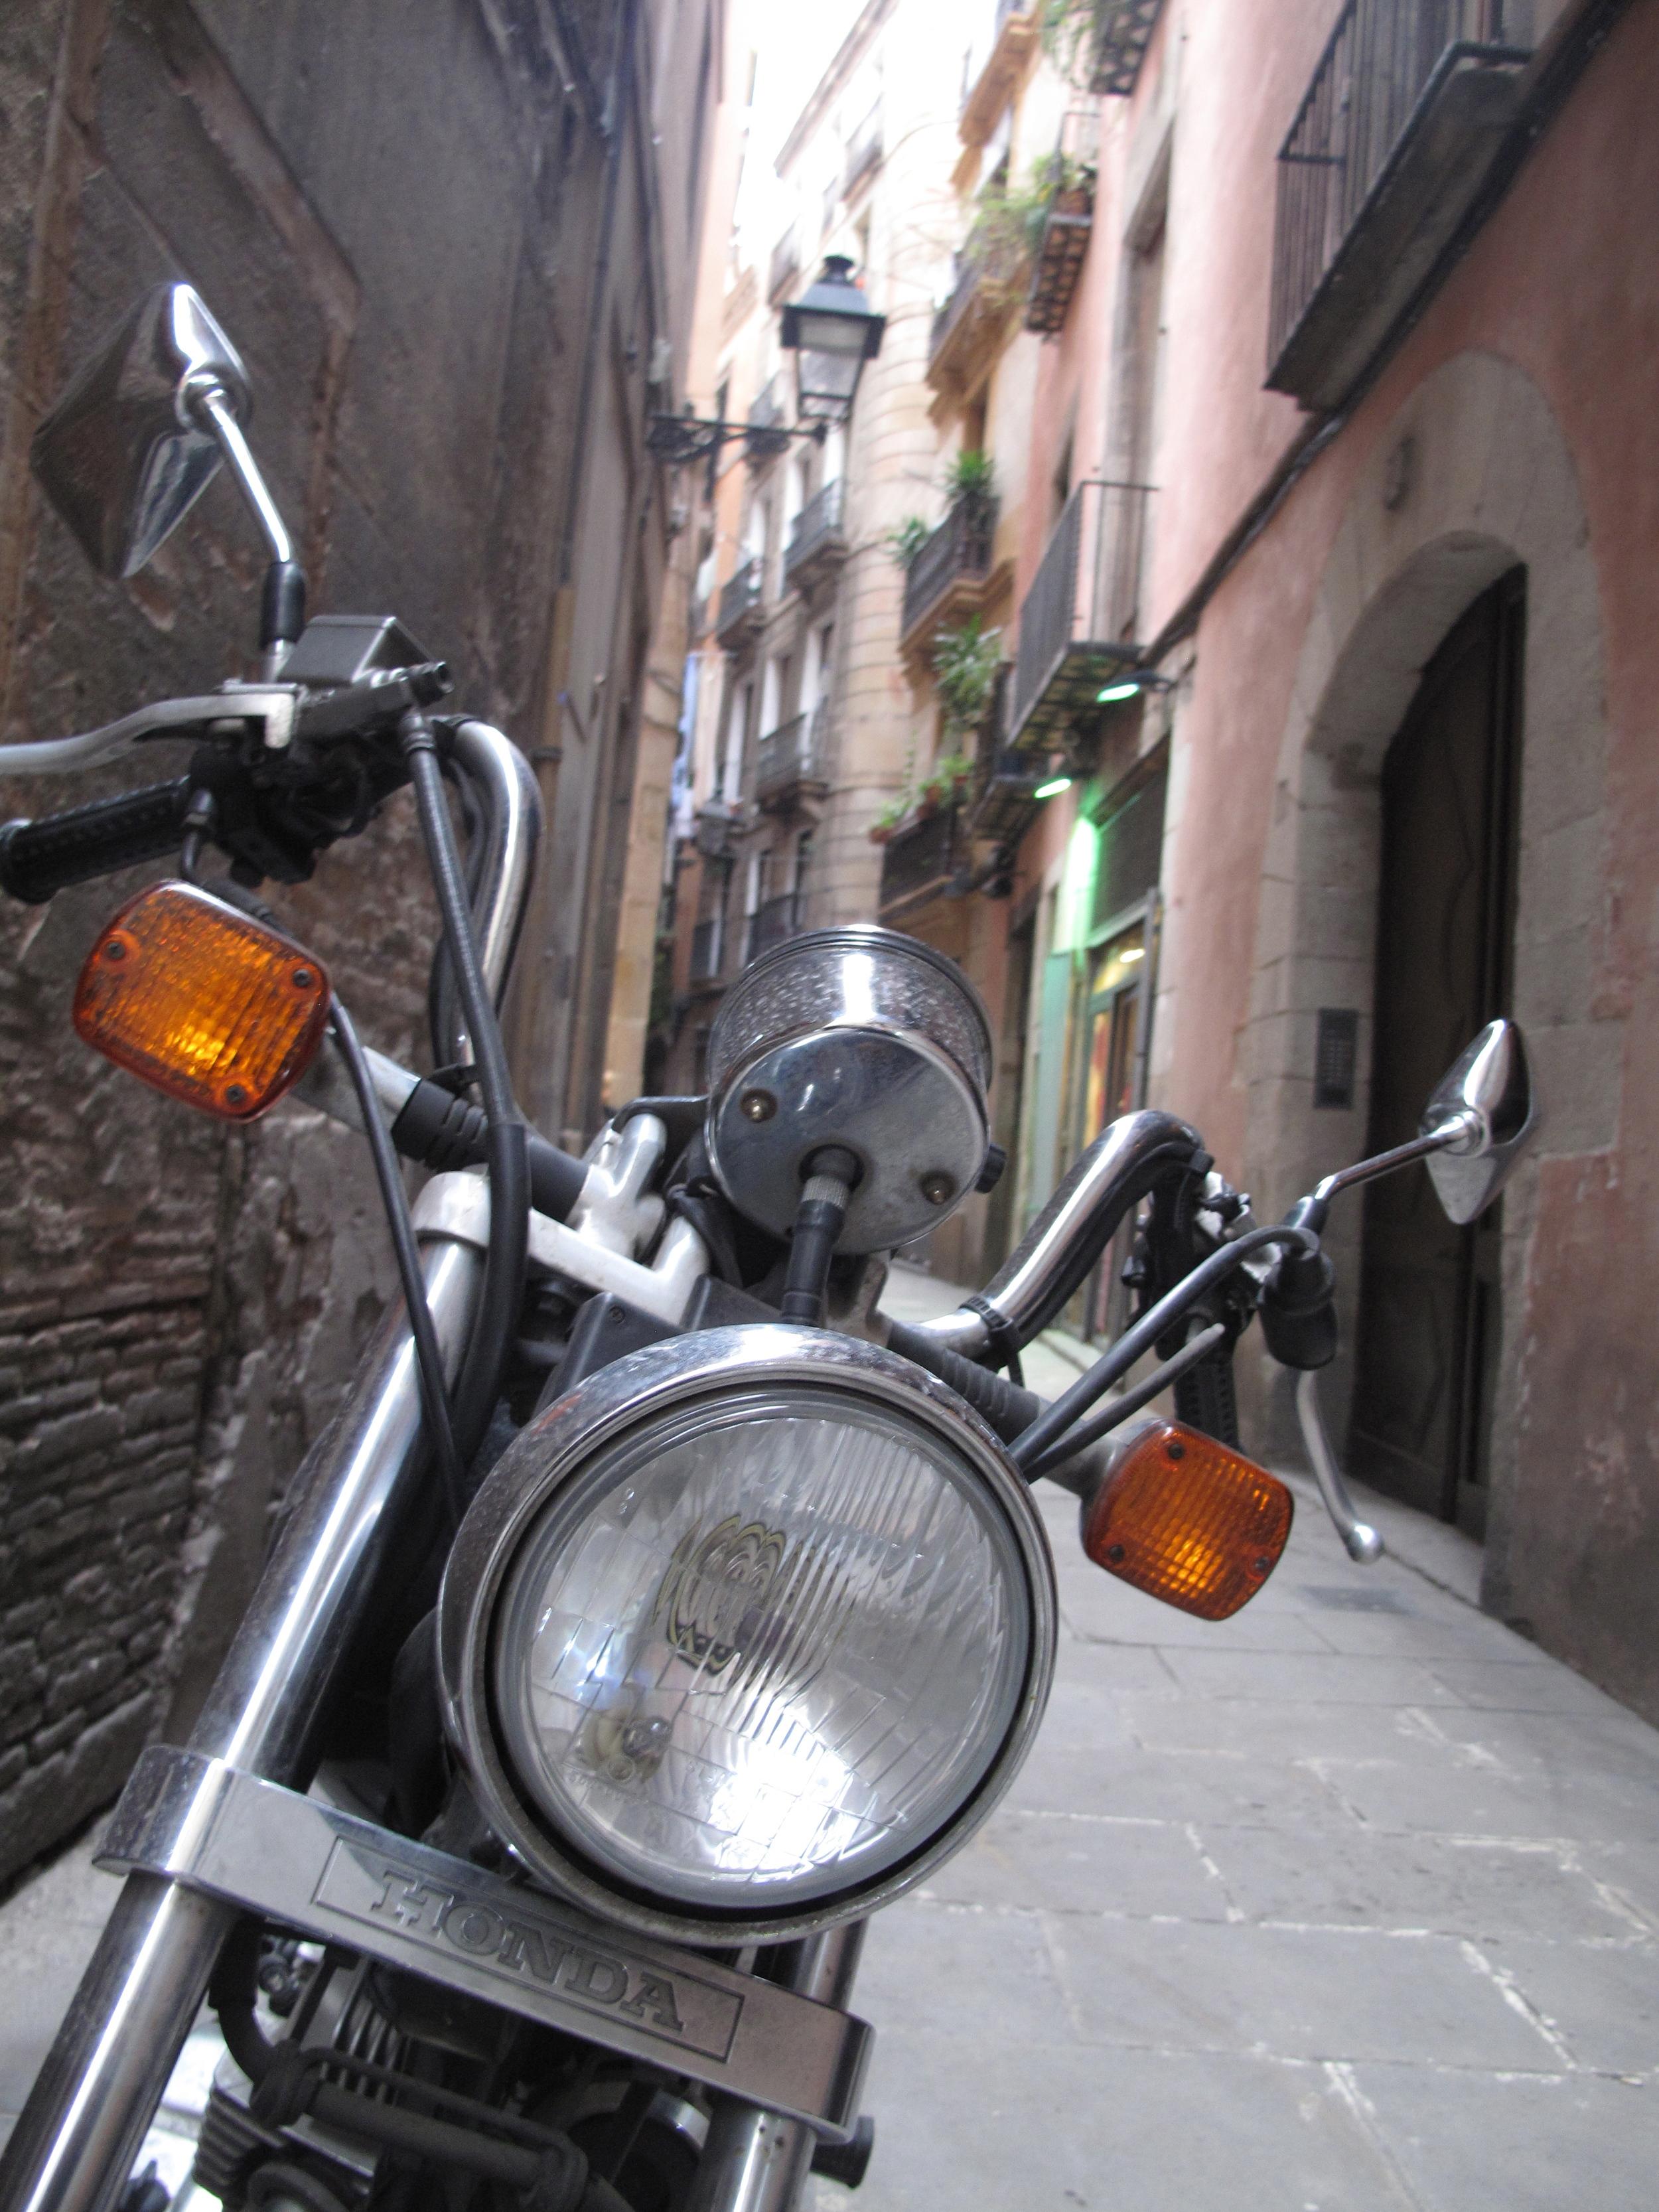 Scooter headlamp, Barcelona alleyway.